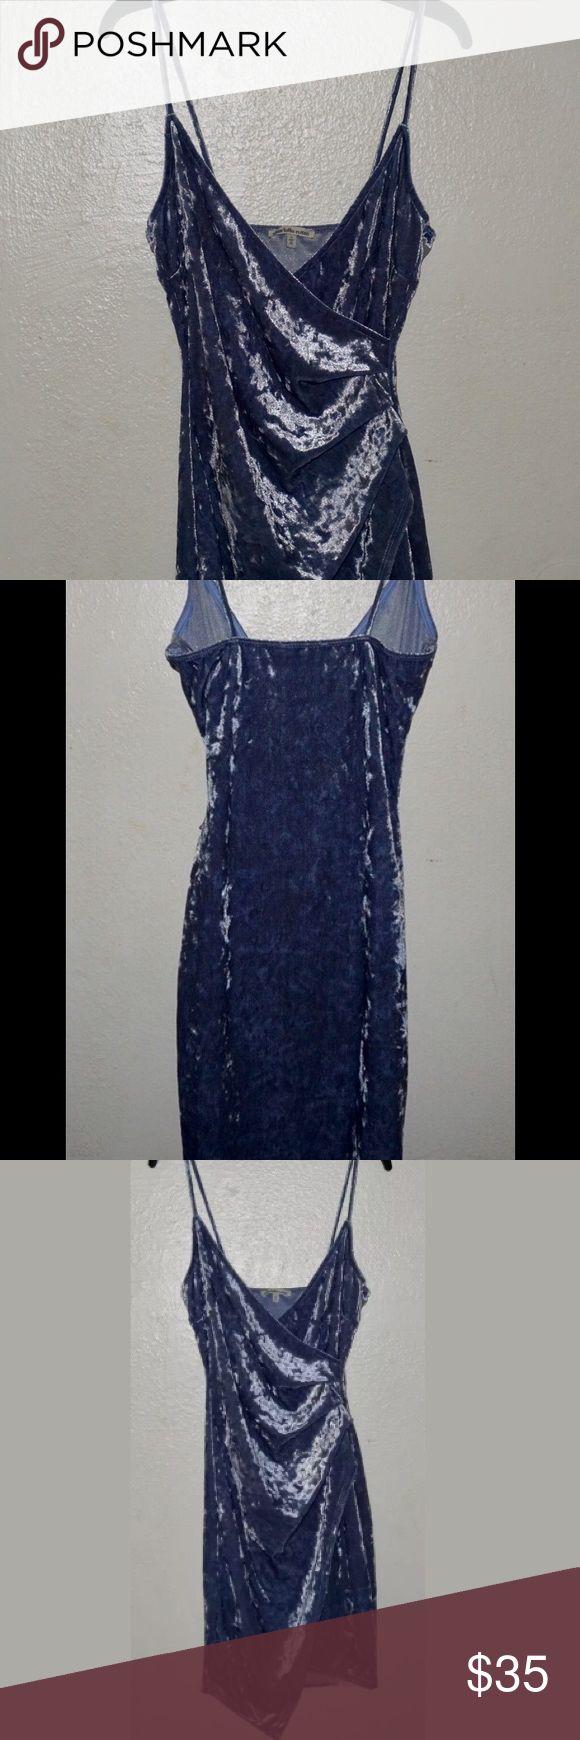 Kylie Jenner look alike dress in velvet blue . Charlotte Russe Dresses Mini